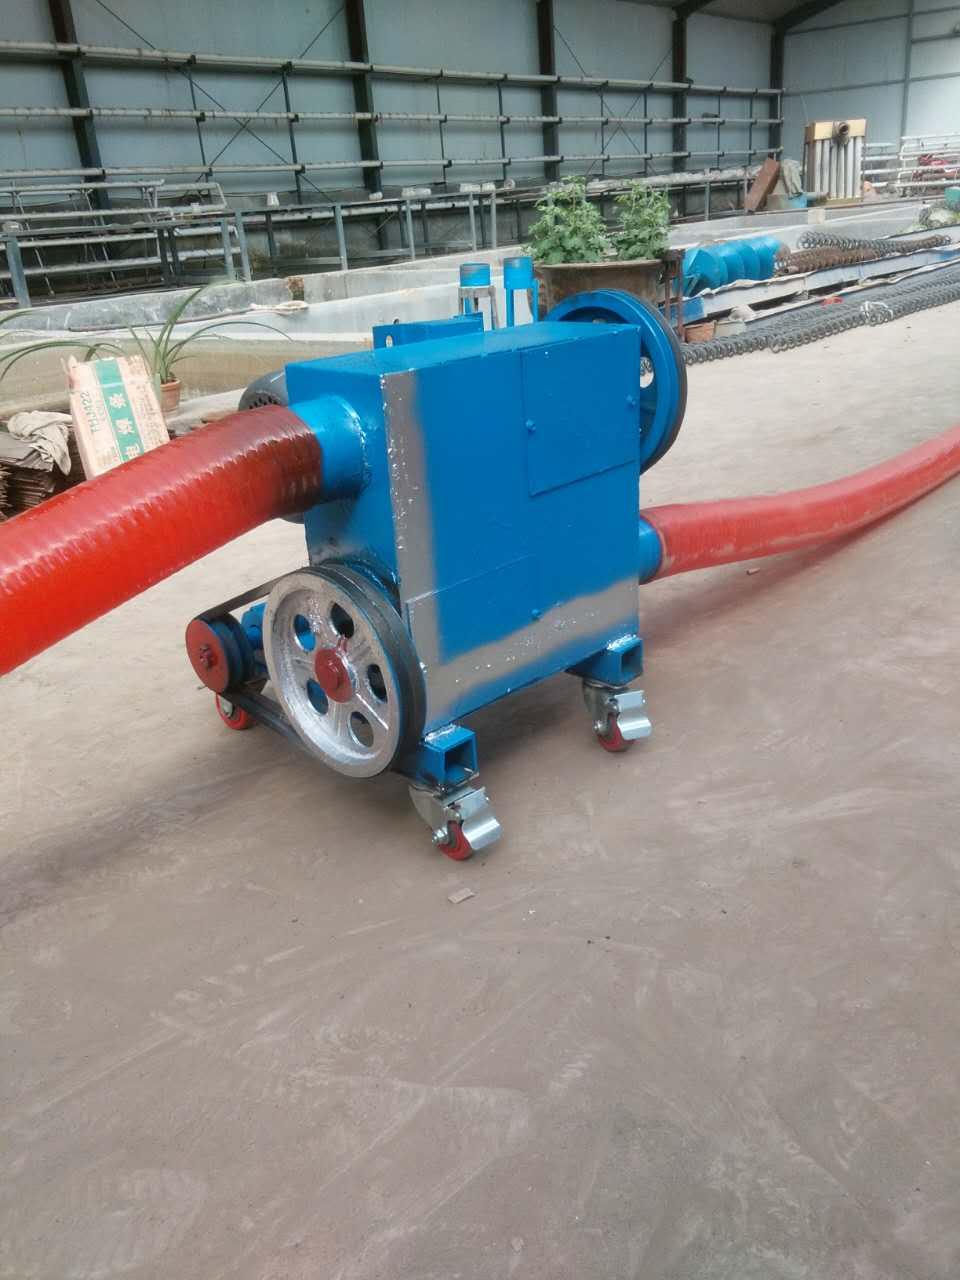 氢气集装格最新价格,氢气集装格供应商,氢气集装格型... _亿商搜